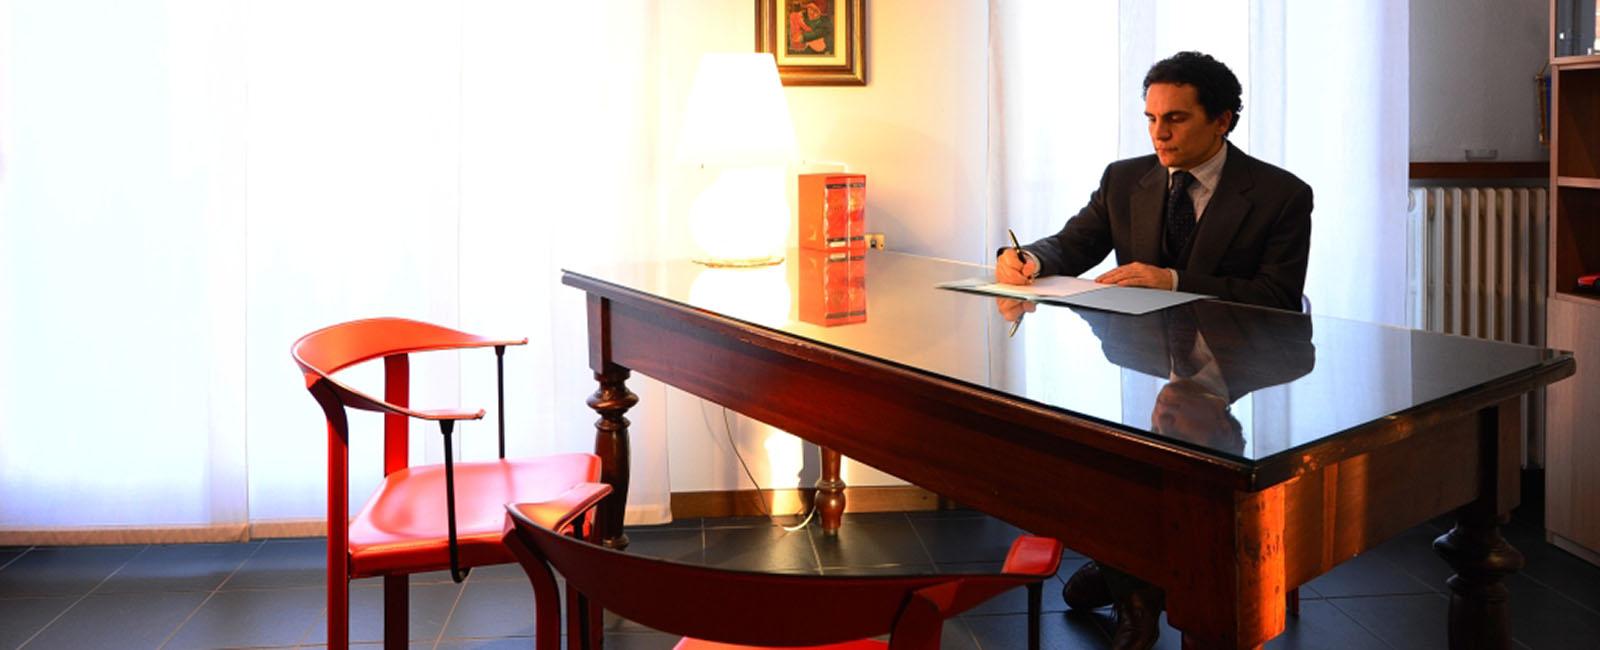 Avvocato Matrimonialista Melzo - Contattaci per una consulenza